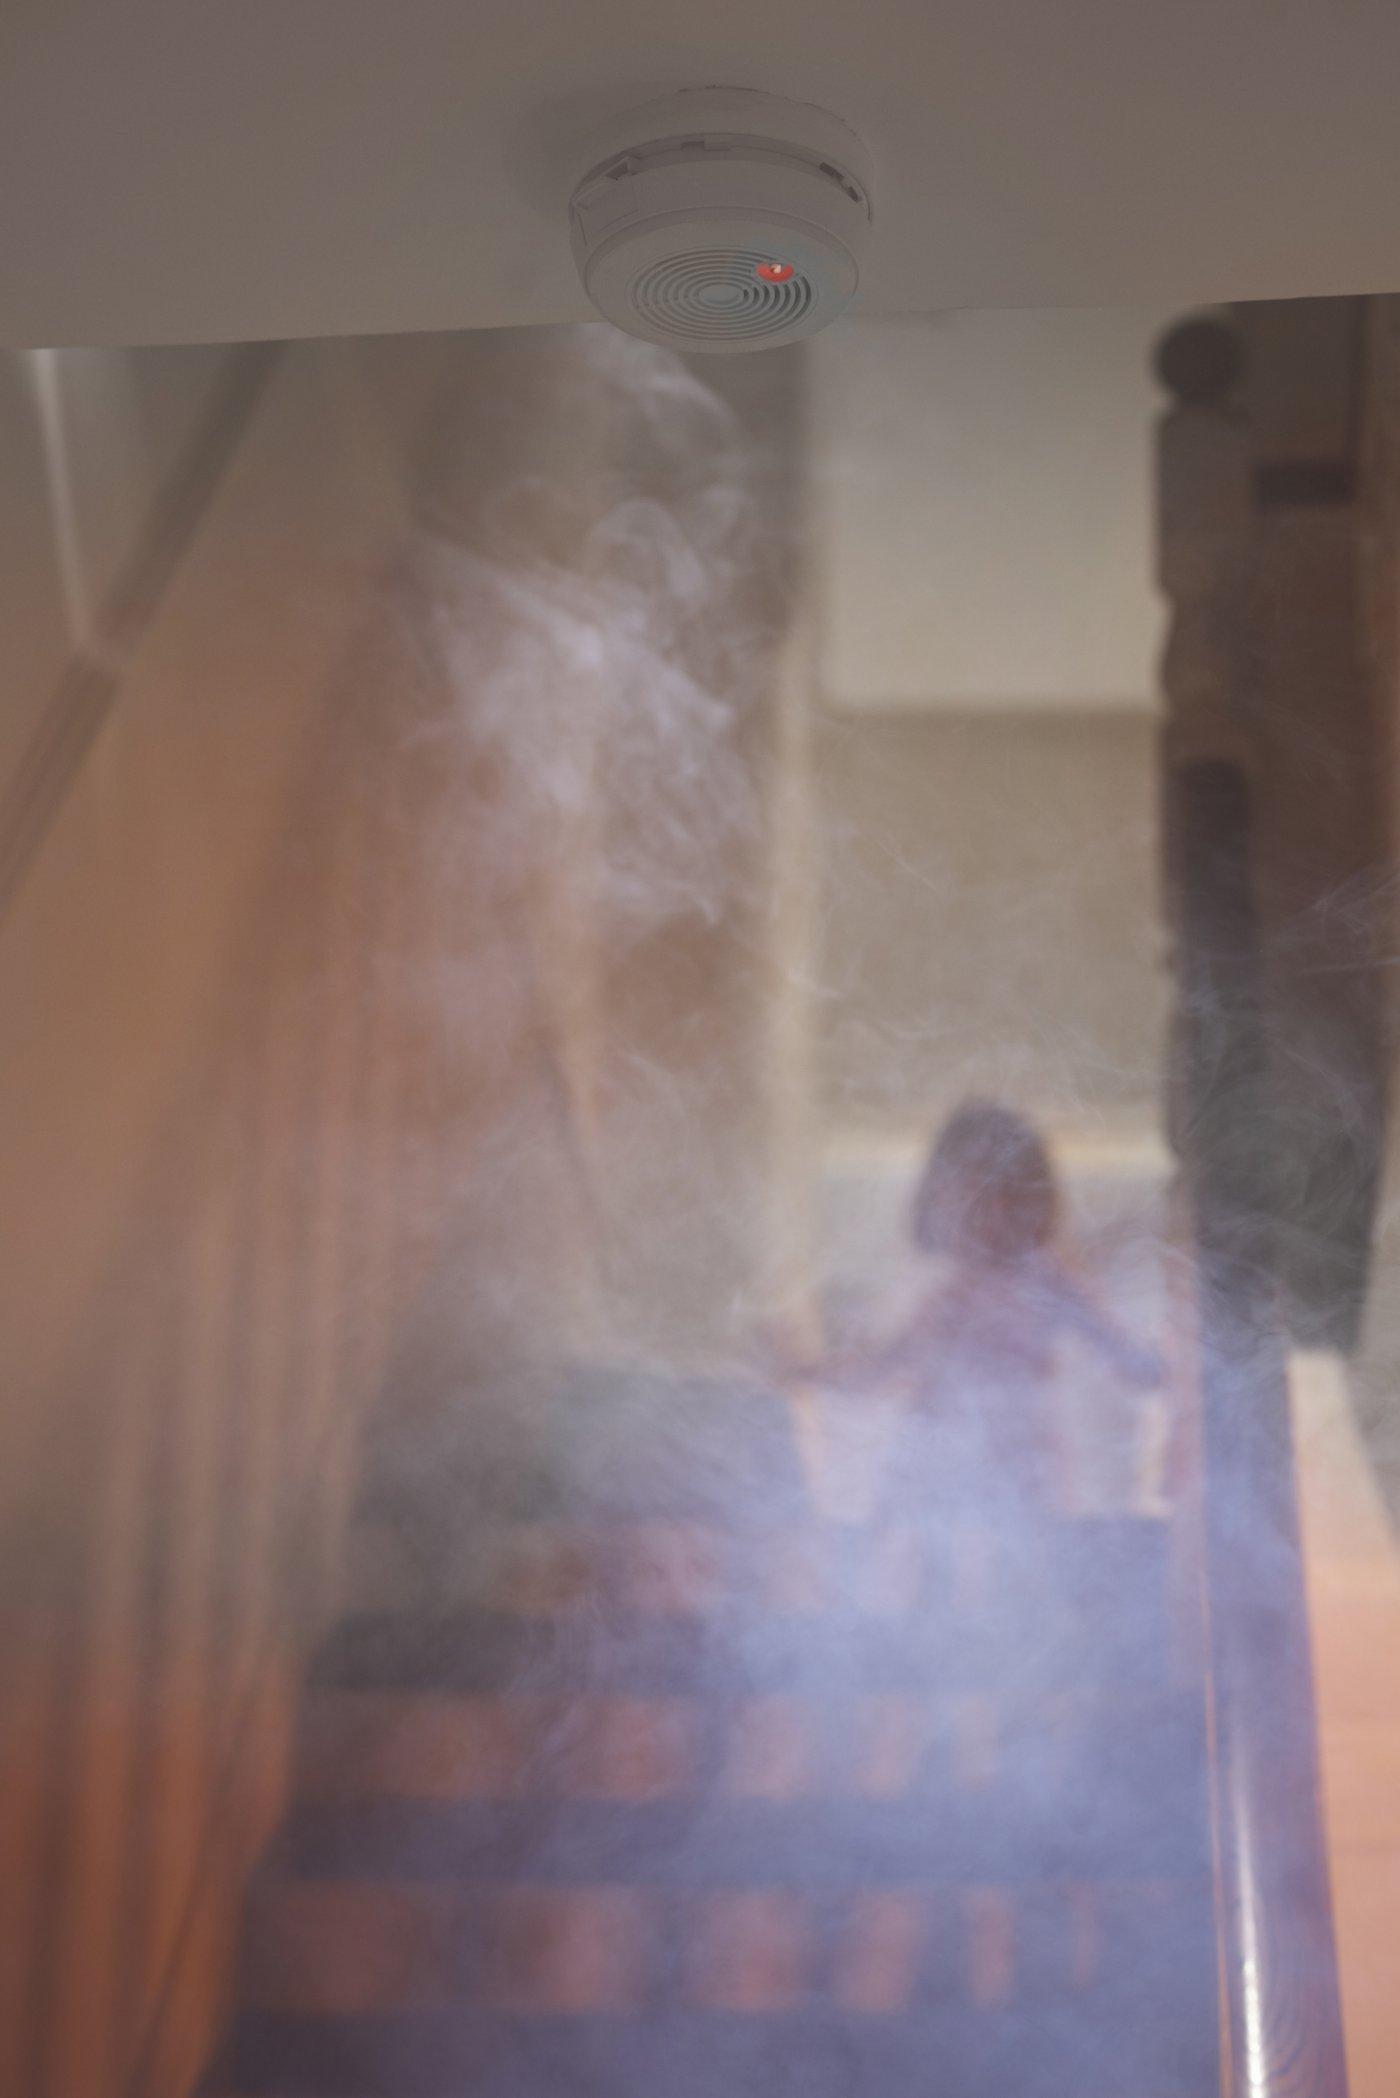 barn øverst i trapp i røykfylt rom.